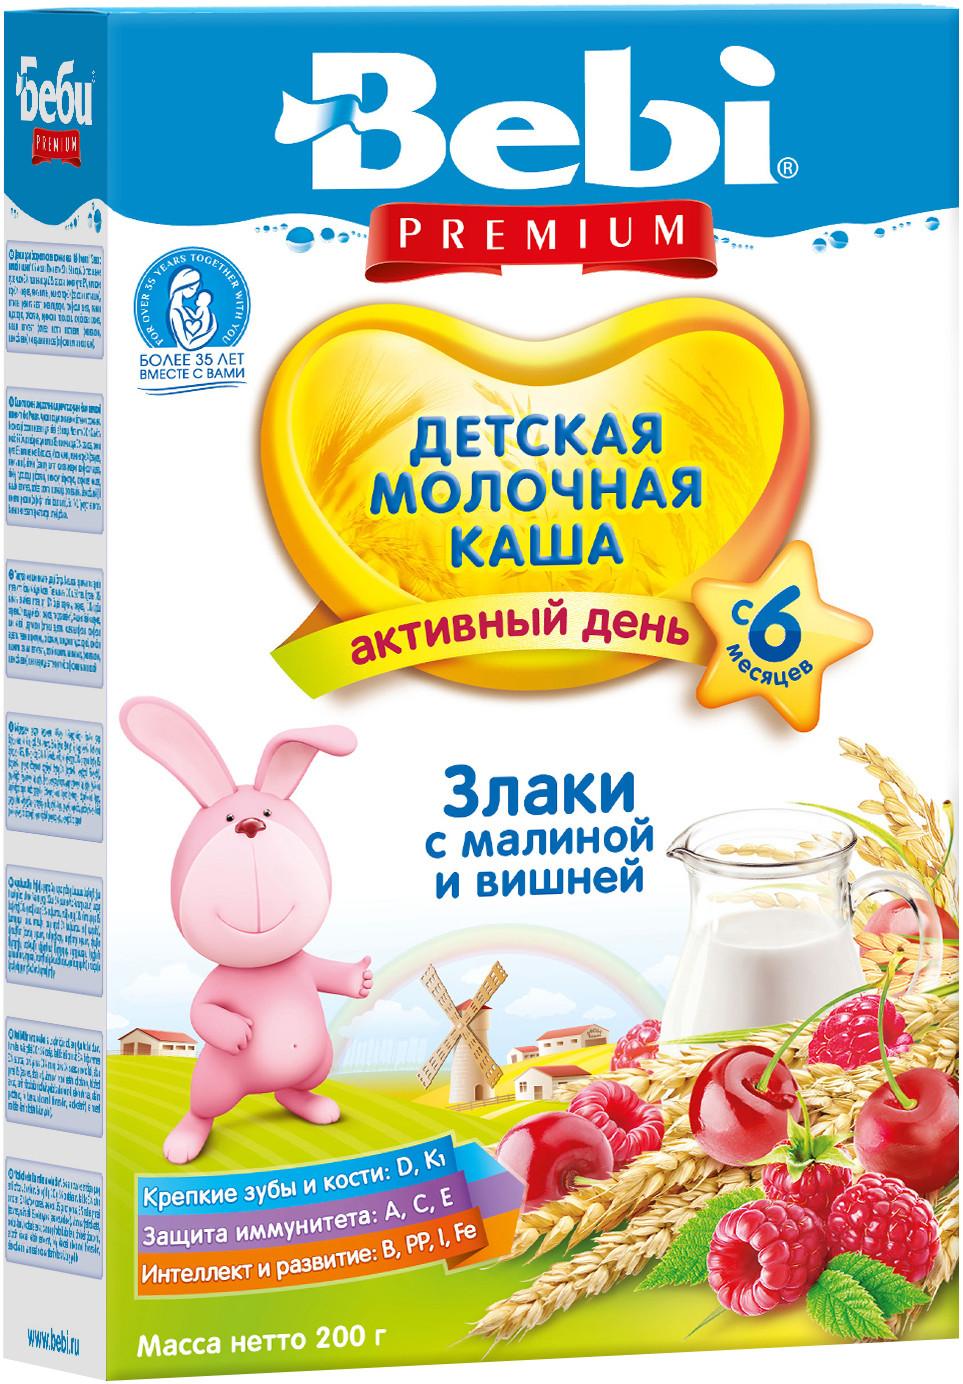 Каши Bebi Каша молочная Bebi Premium злаки с малиной и вишней с 6 мес. 200 г беби премиум печенье с малиной и вишней пшеничная молочная каша для полдника с 6 месяцев 200г